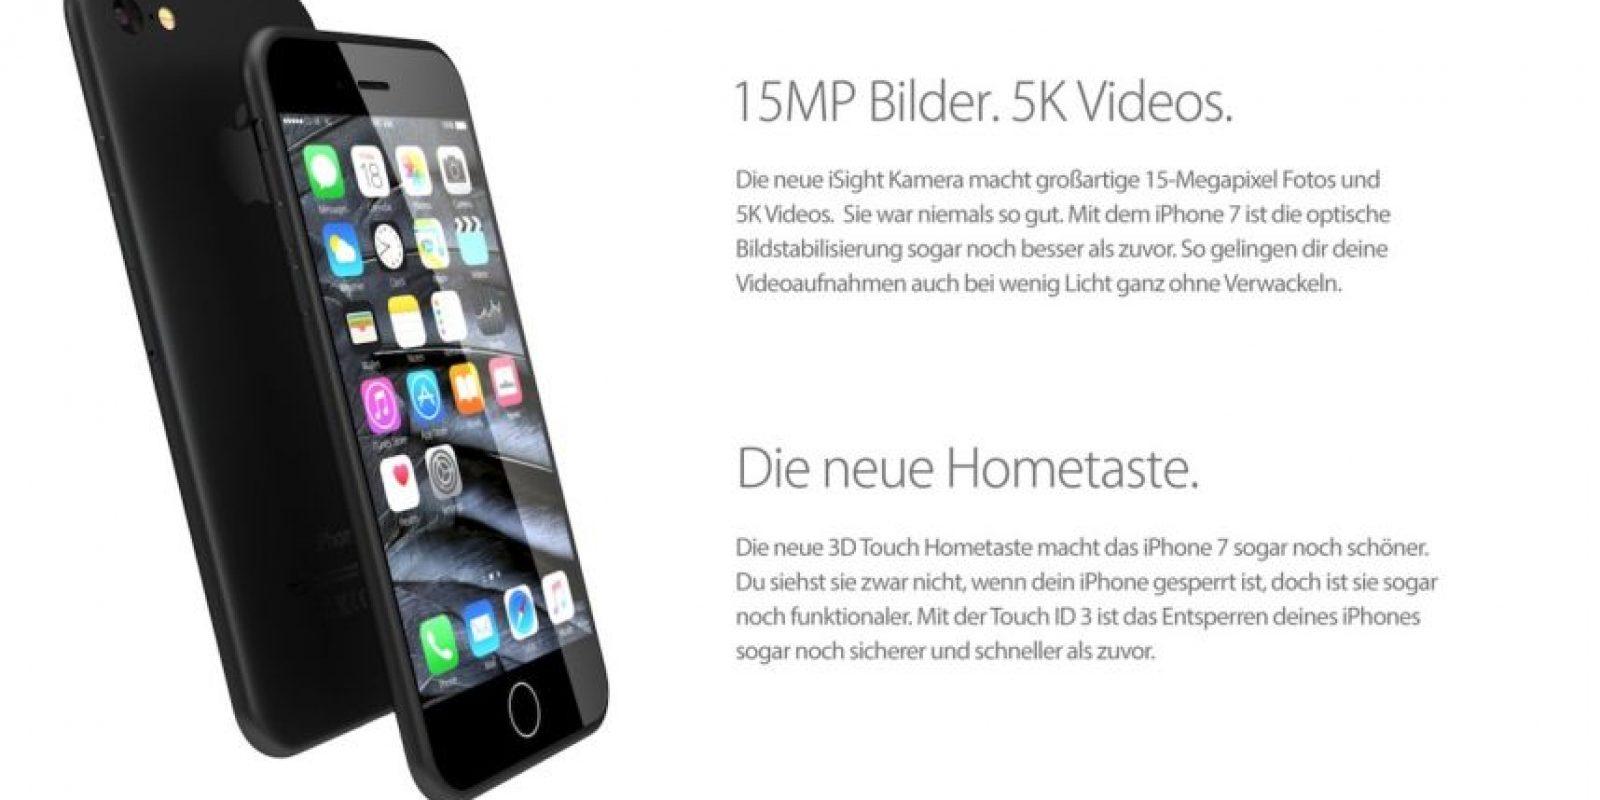 La cámara posterior sería de 15 megapíxeles y grabaría videos en calidad 5K. Foto:vía handy-abovergleich.ch